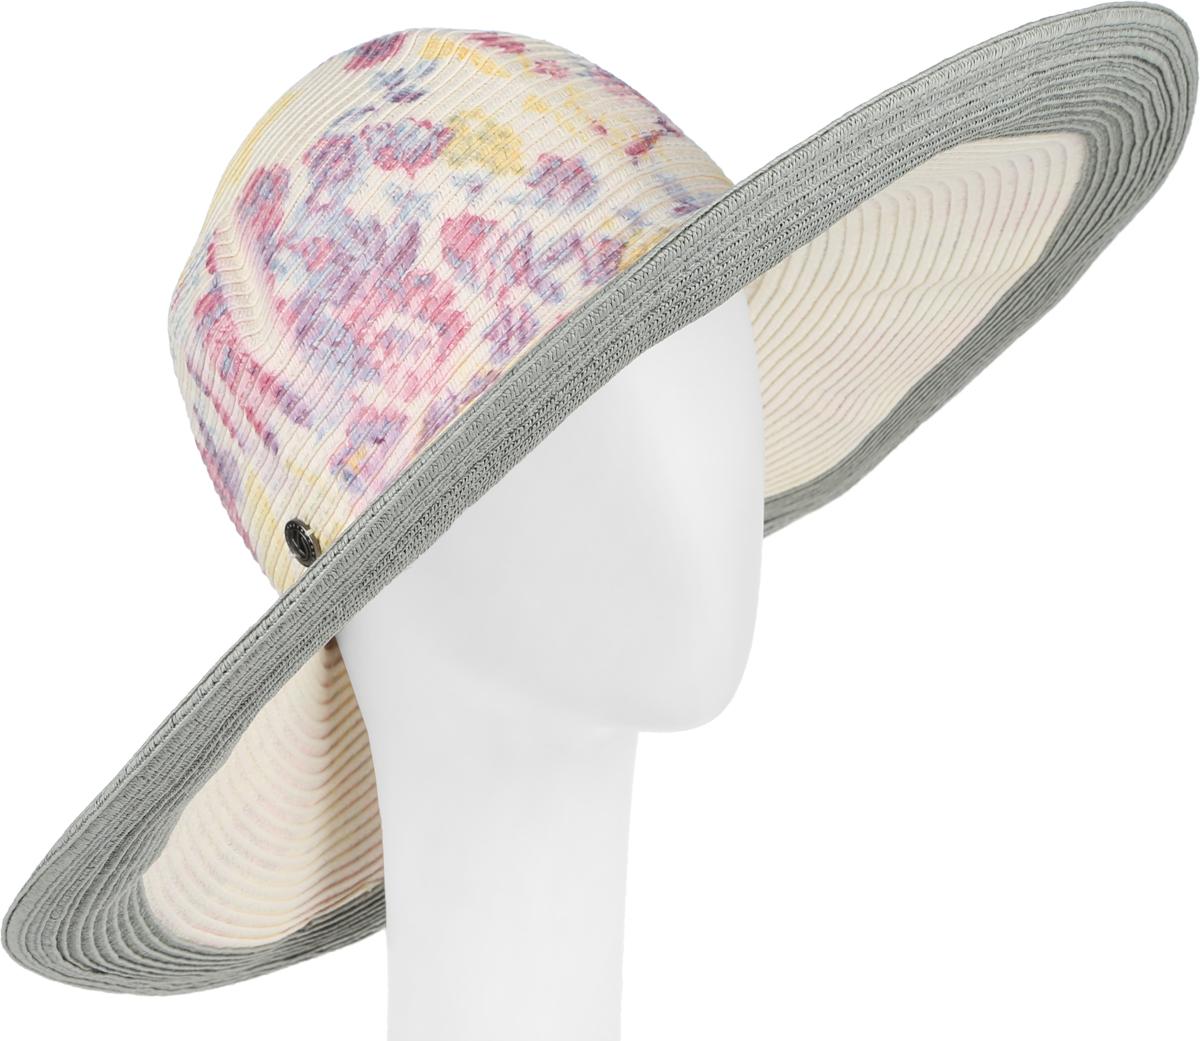 Шляпа женская R.Mountain Lisbeth, цвет: хаки, мультиколор. 77-125-11-57. Размер M (57)77-125-11-57Широкополая шляпа R.Mountain Lisbeth украсит любой наряд.Модель оформлена оригинальным цветочным принтом и металлической нашивкой с логотипом бренда. Благодаря своей форме, шляпа удобно садится по голове и подойдет к любому стилю. Изделие легко восстанавливает свою форму после сжатия.Такая шляпка подчеркнет вашу неповторимость и дополнит ваш повседневный образ.